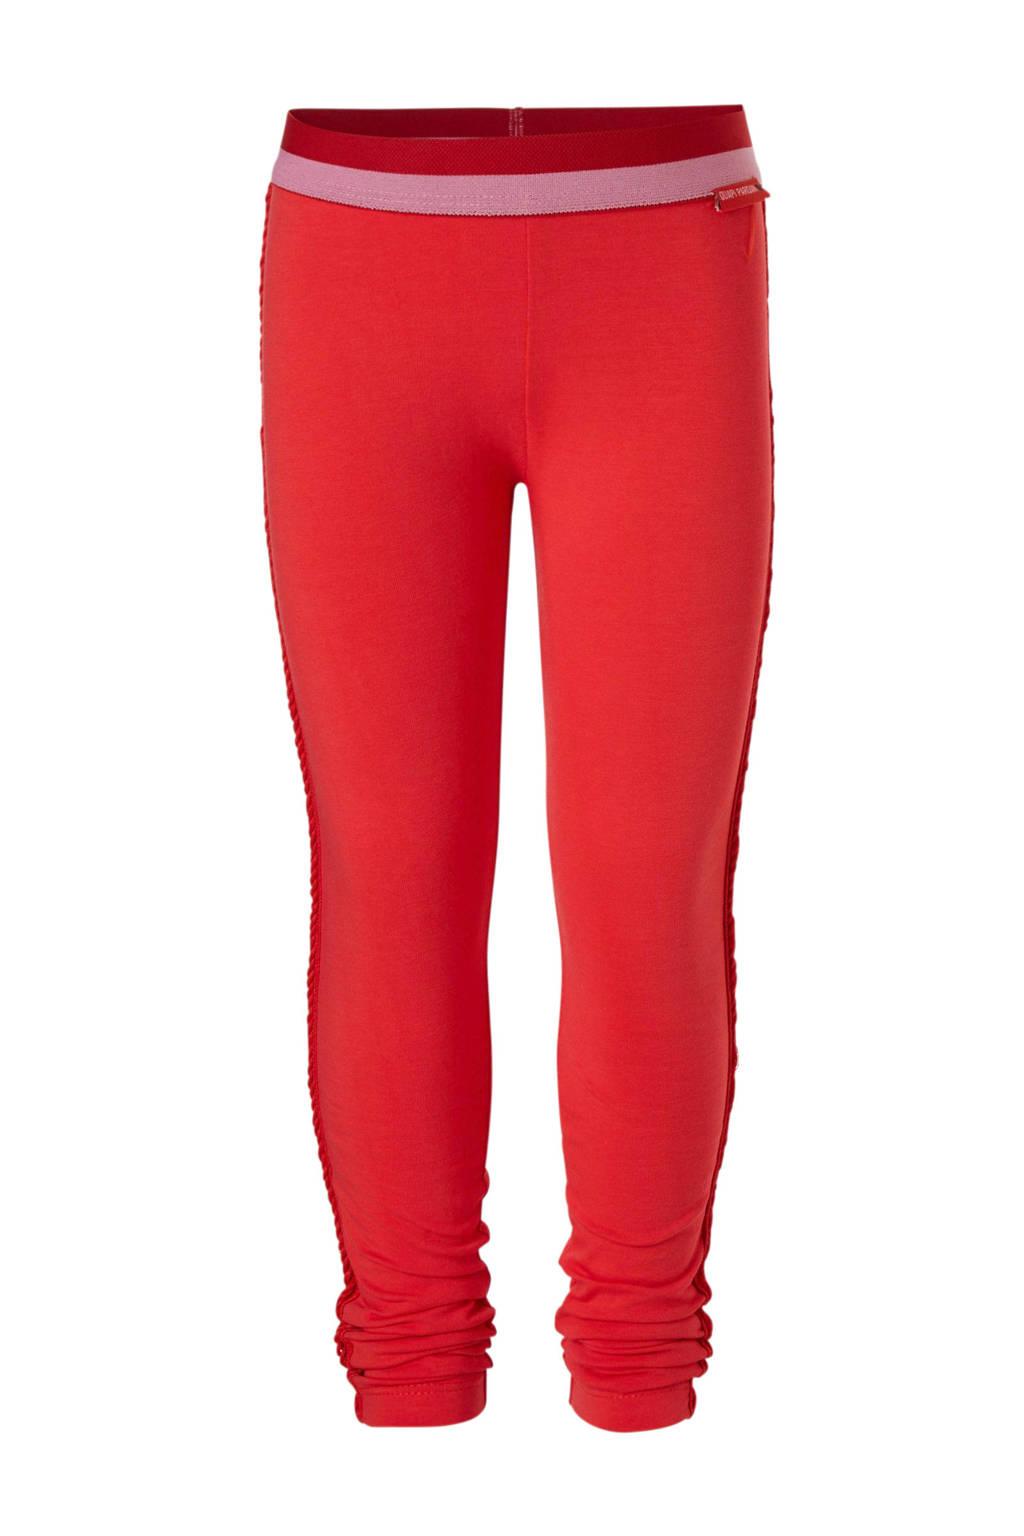 Quapi legging Shelley rood, Rood